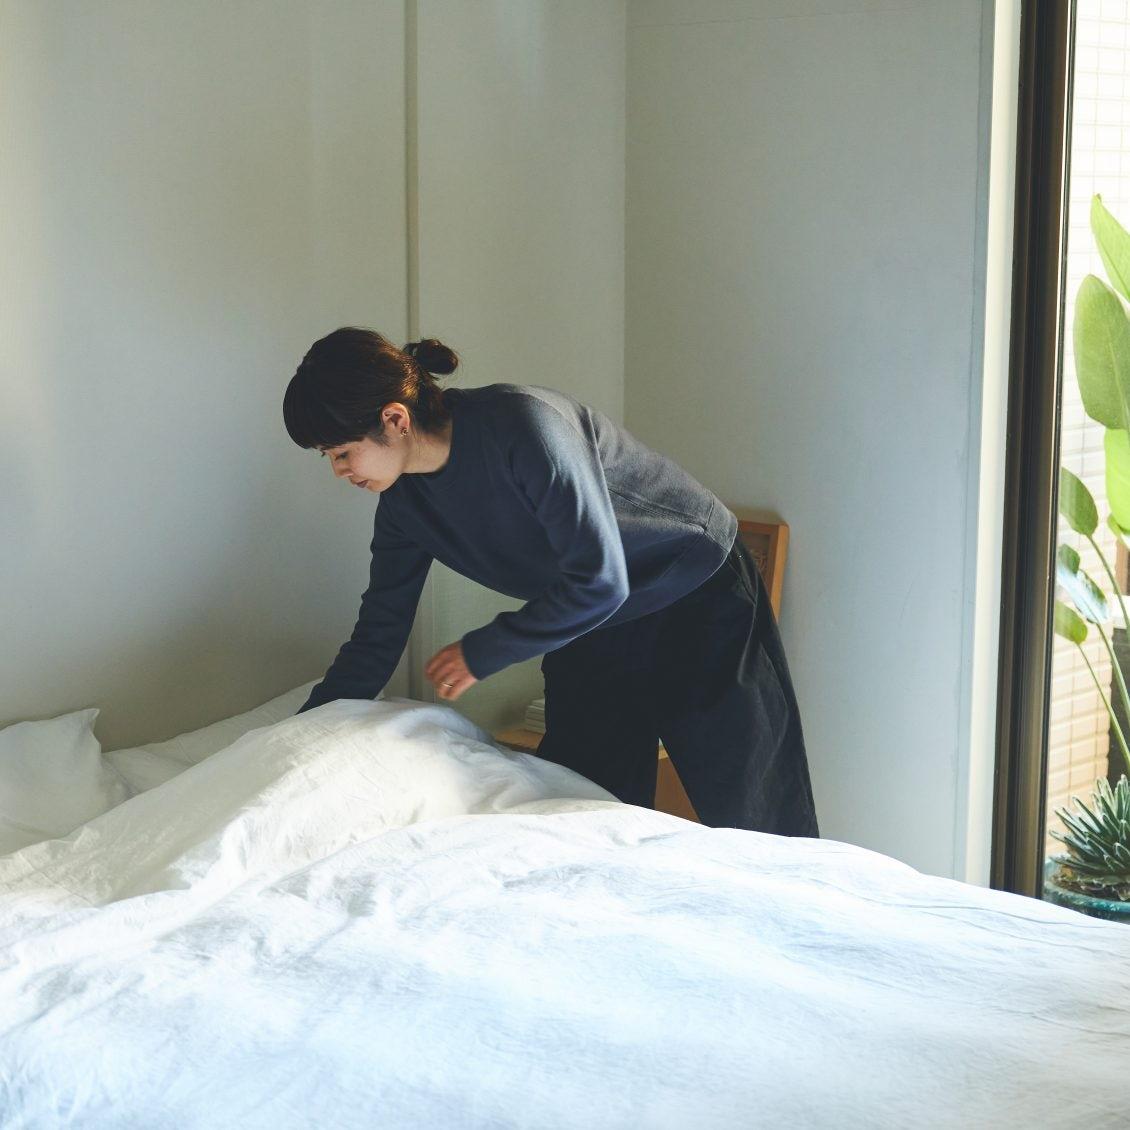 【春もぐっすり】洗濯機で丸洗いできる、北欧発の「掛け布団と枕」で快適な眠りを。